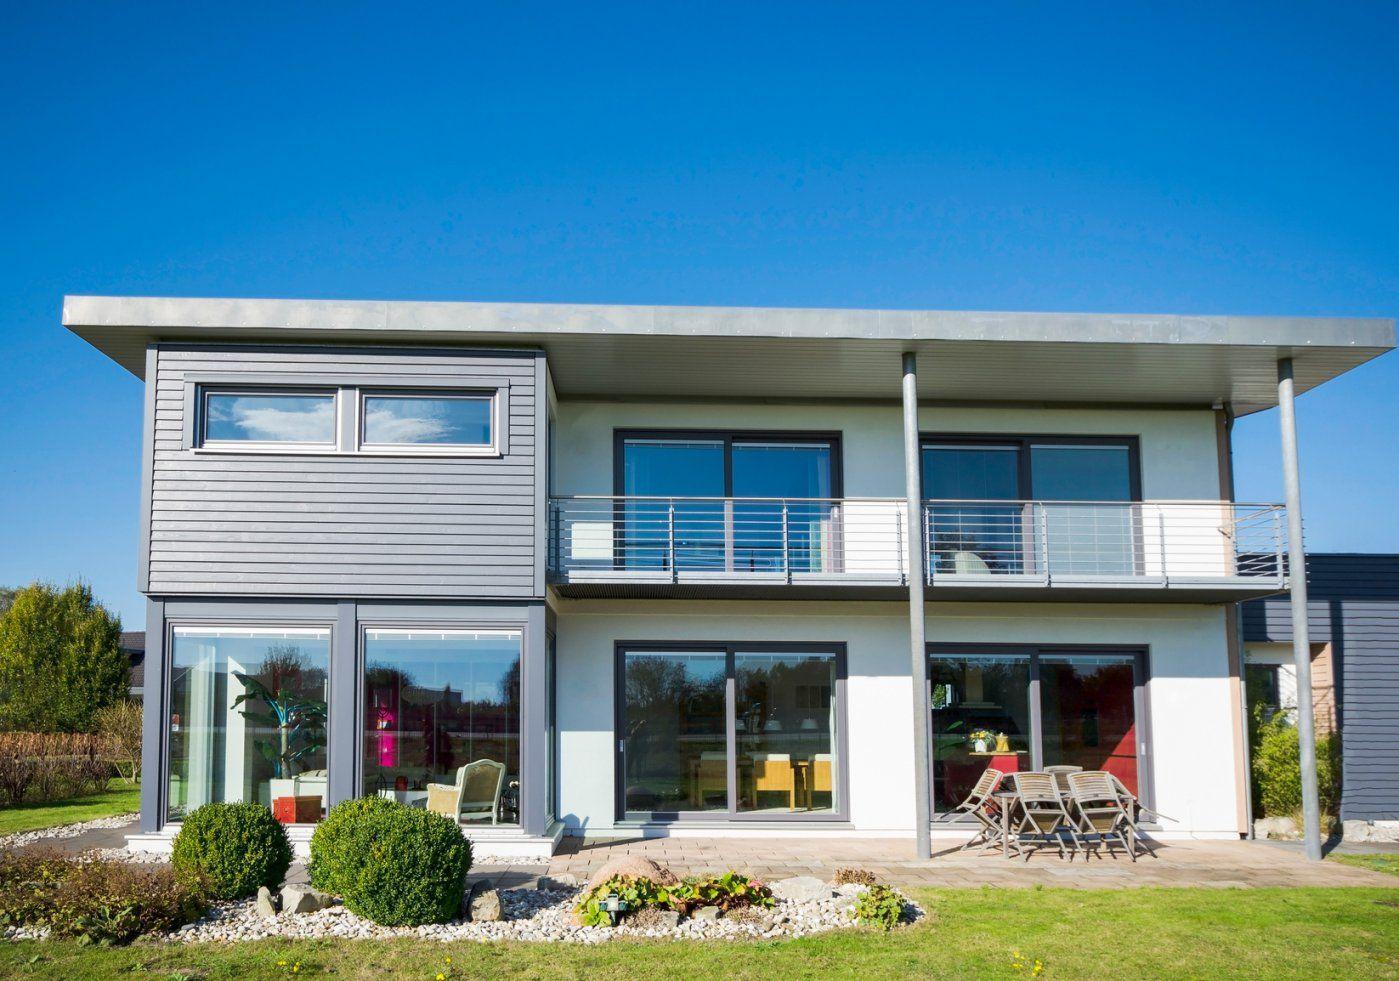 containerhaus deutschland modulhaus fertighaus f r berlin and brandenburg. Black Bedroom Furniture Sets. Home Design Ideas